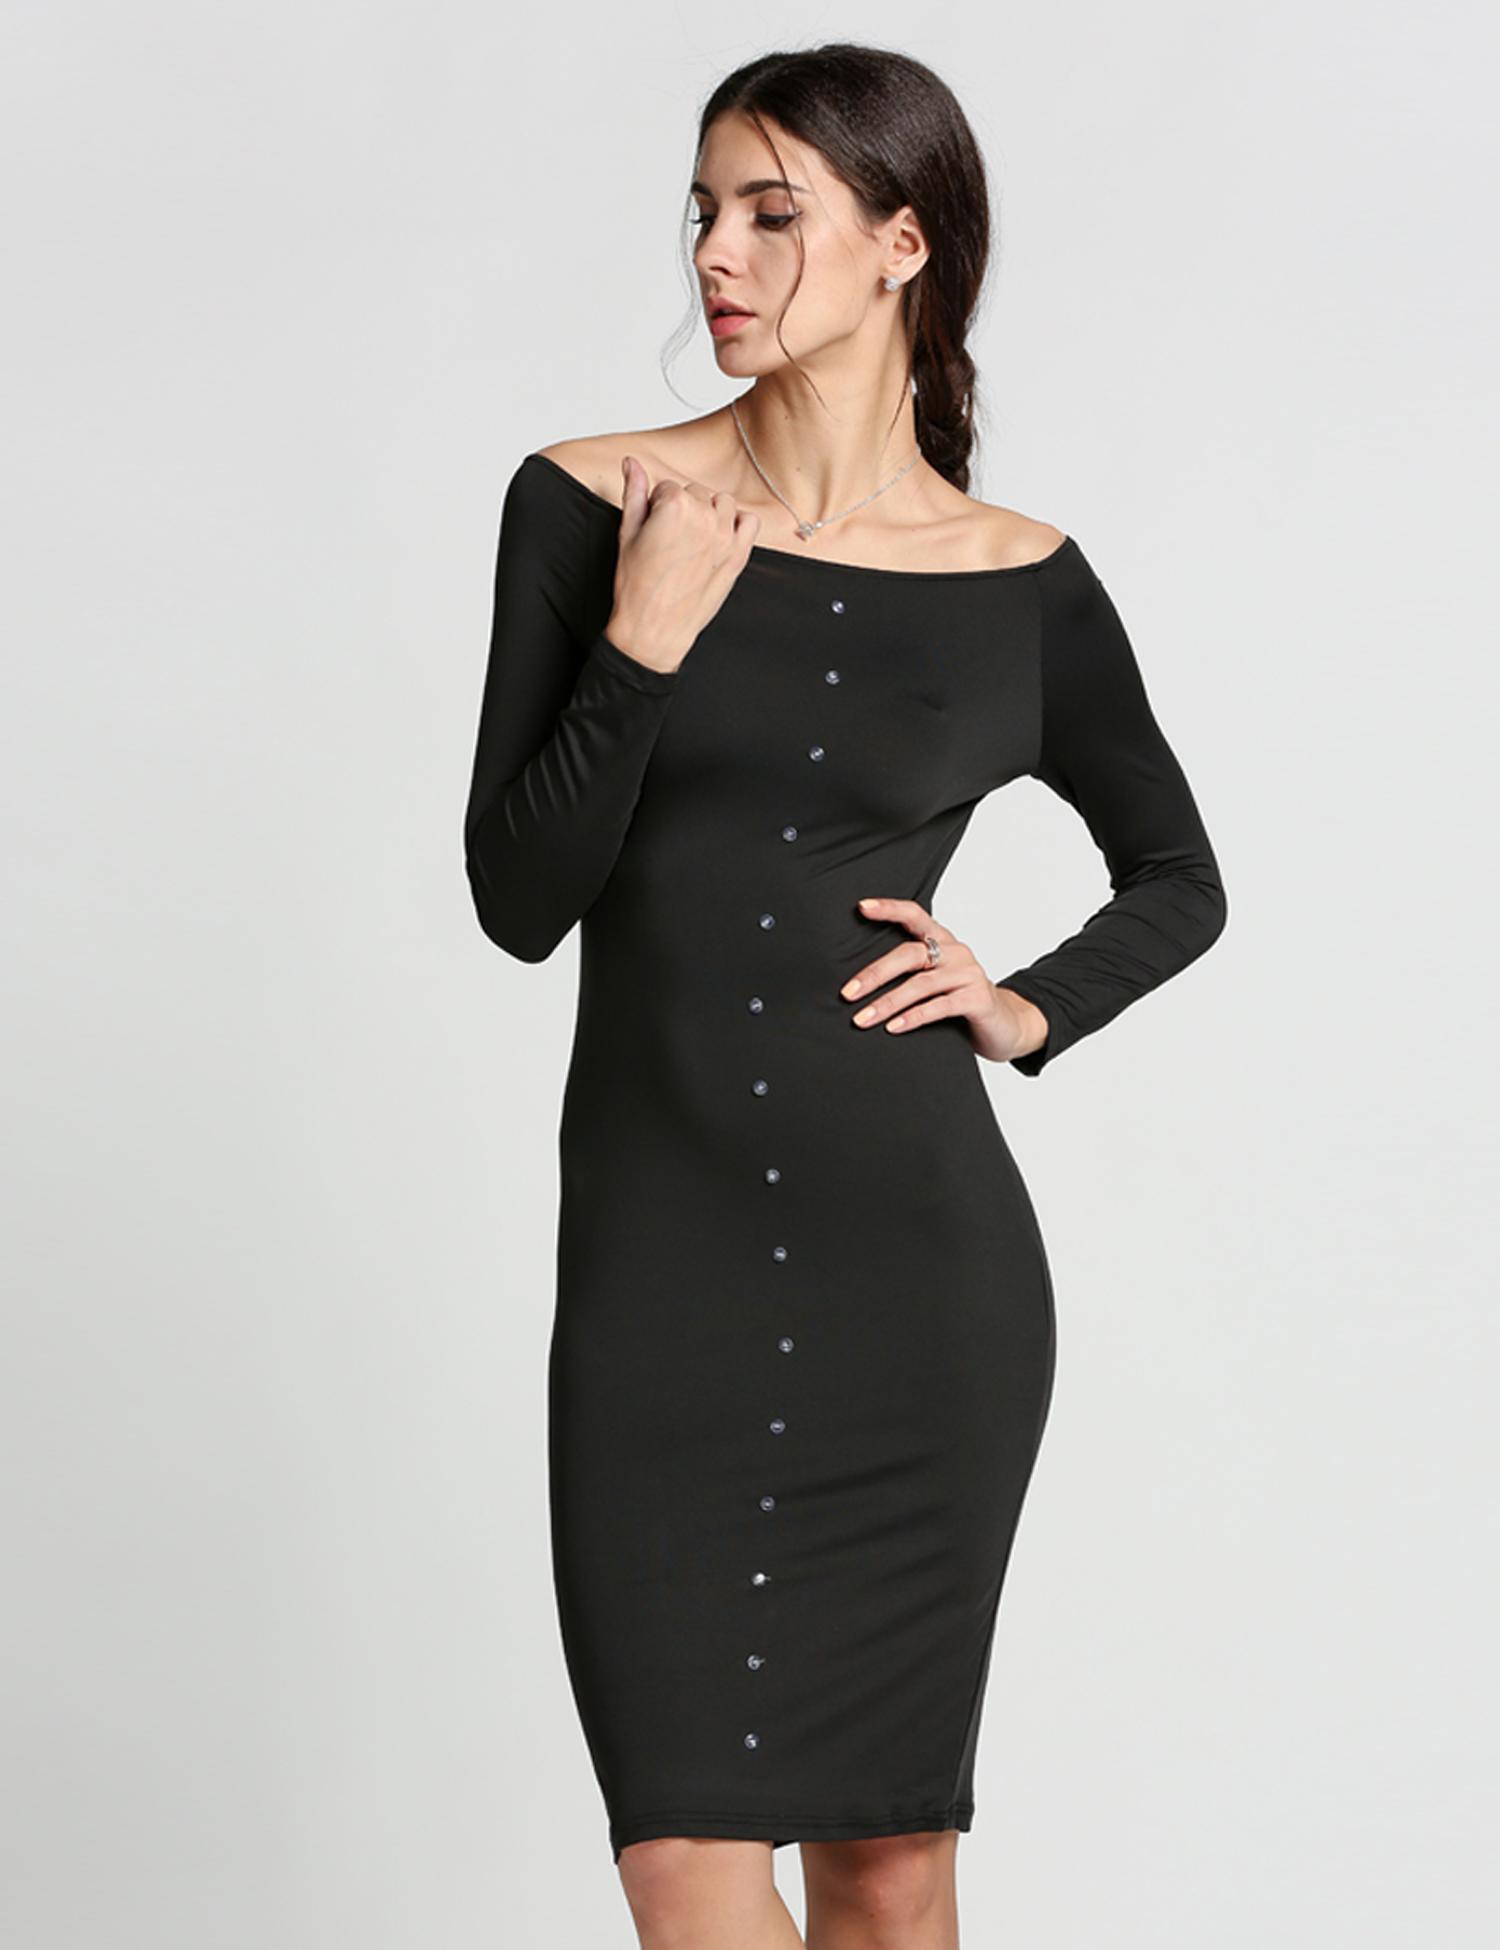 d80cb299449 Robe femme longue noir Finejo épaule nue robe de soirée Sexy Manche ...